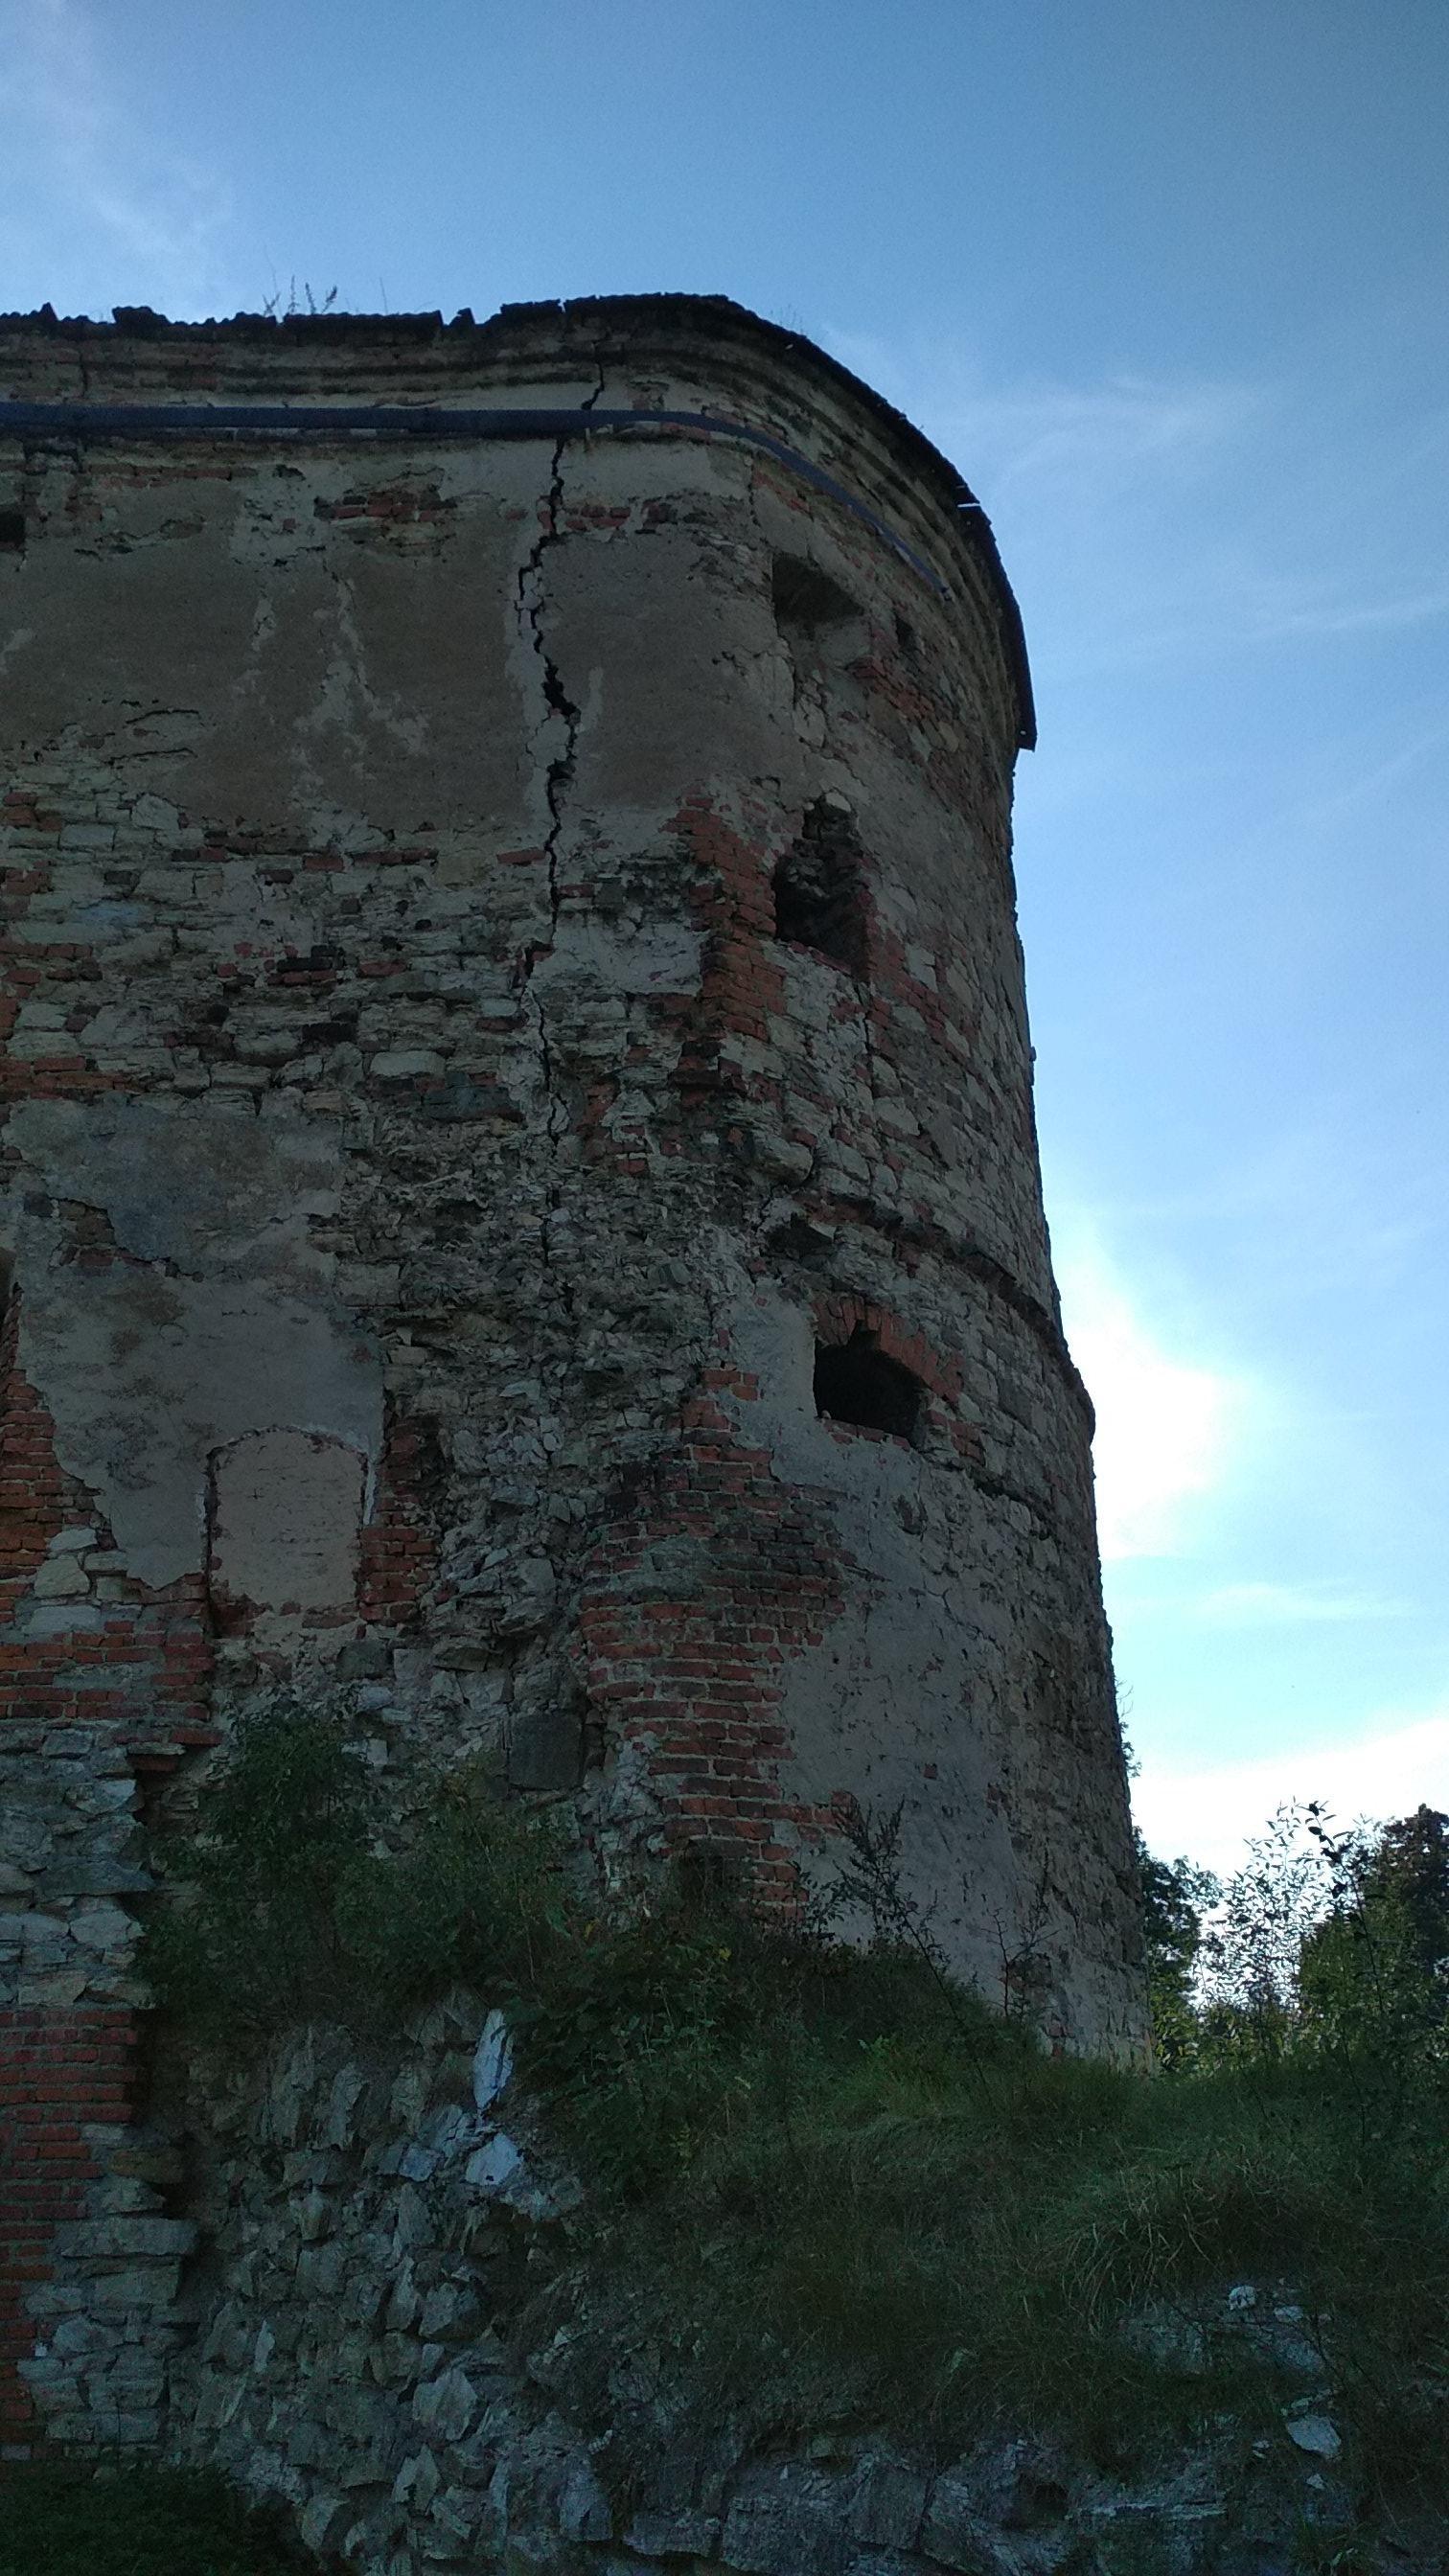 Węgierka – Bastejowy zamek szlachecki